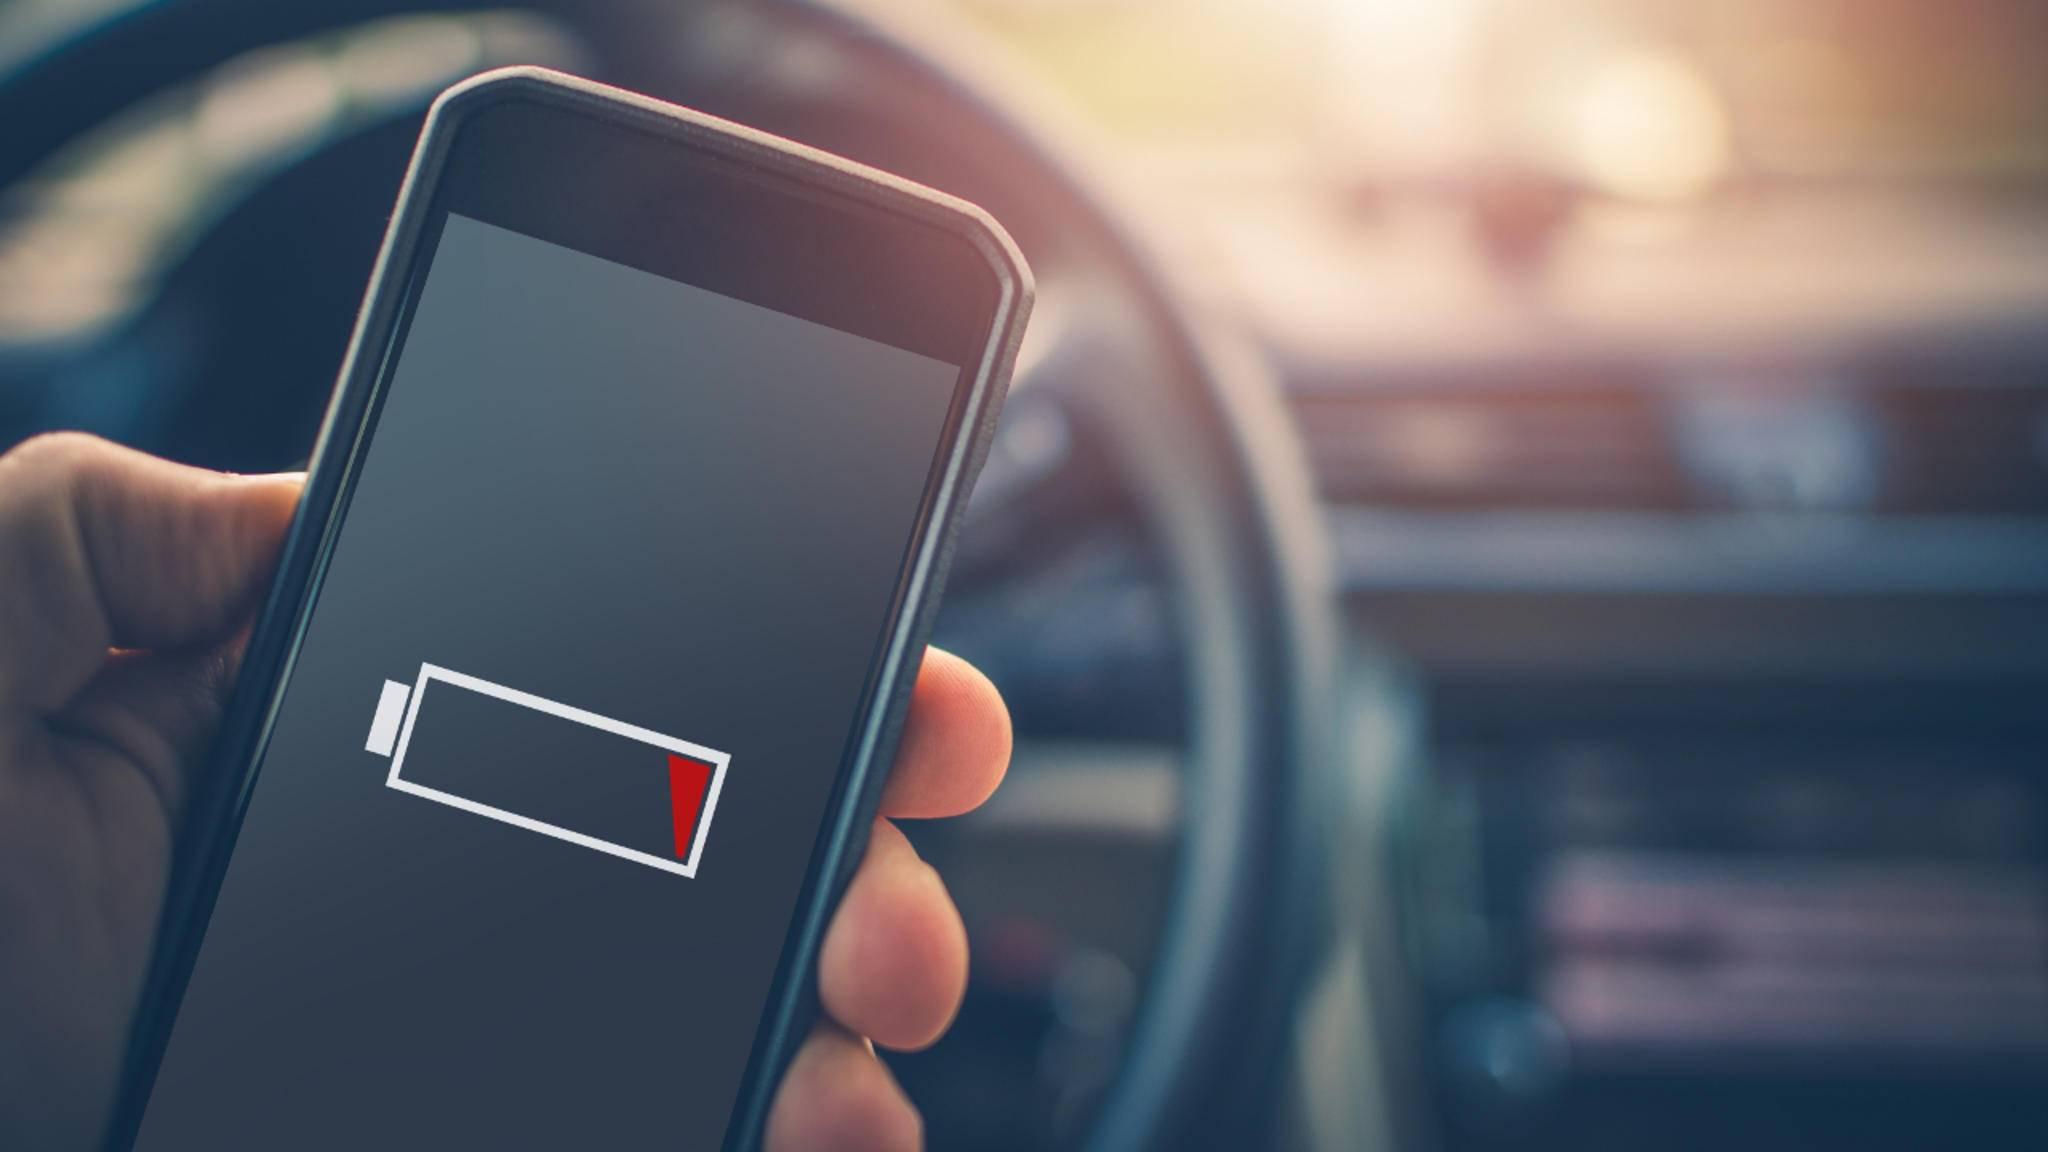 Beim Aufladen des Smartphones werden immer noch viele Fehler gemacht.